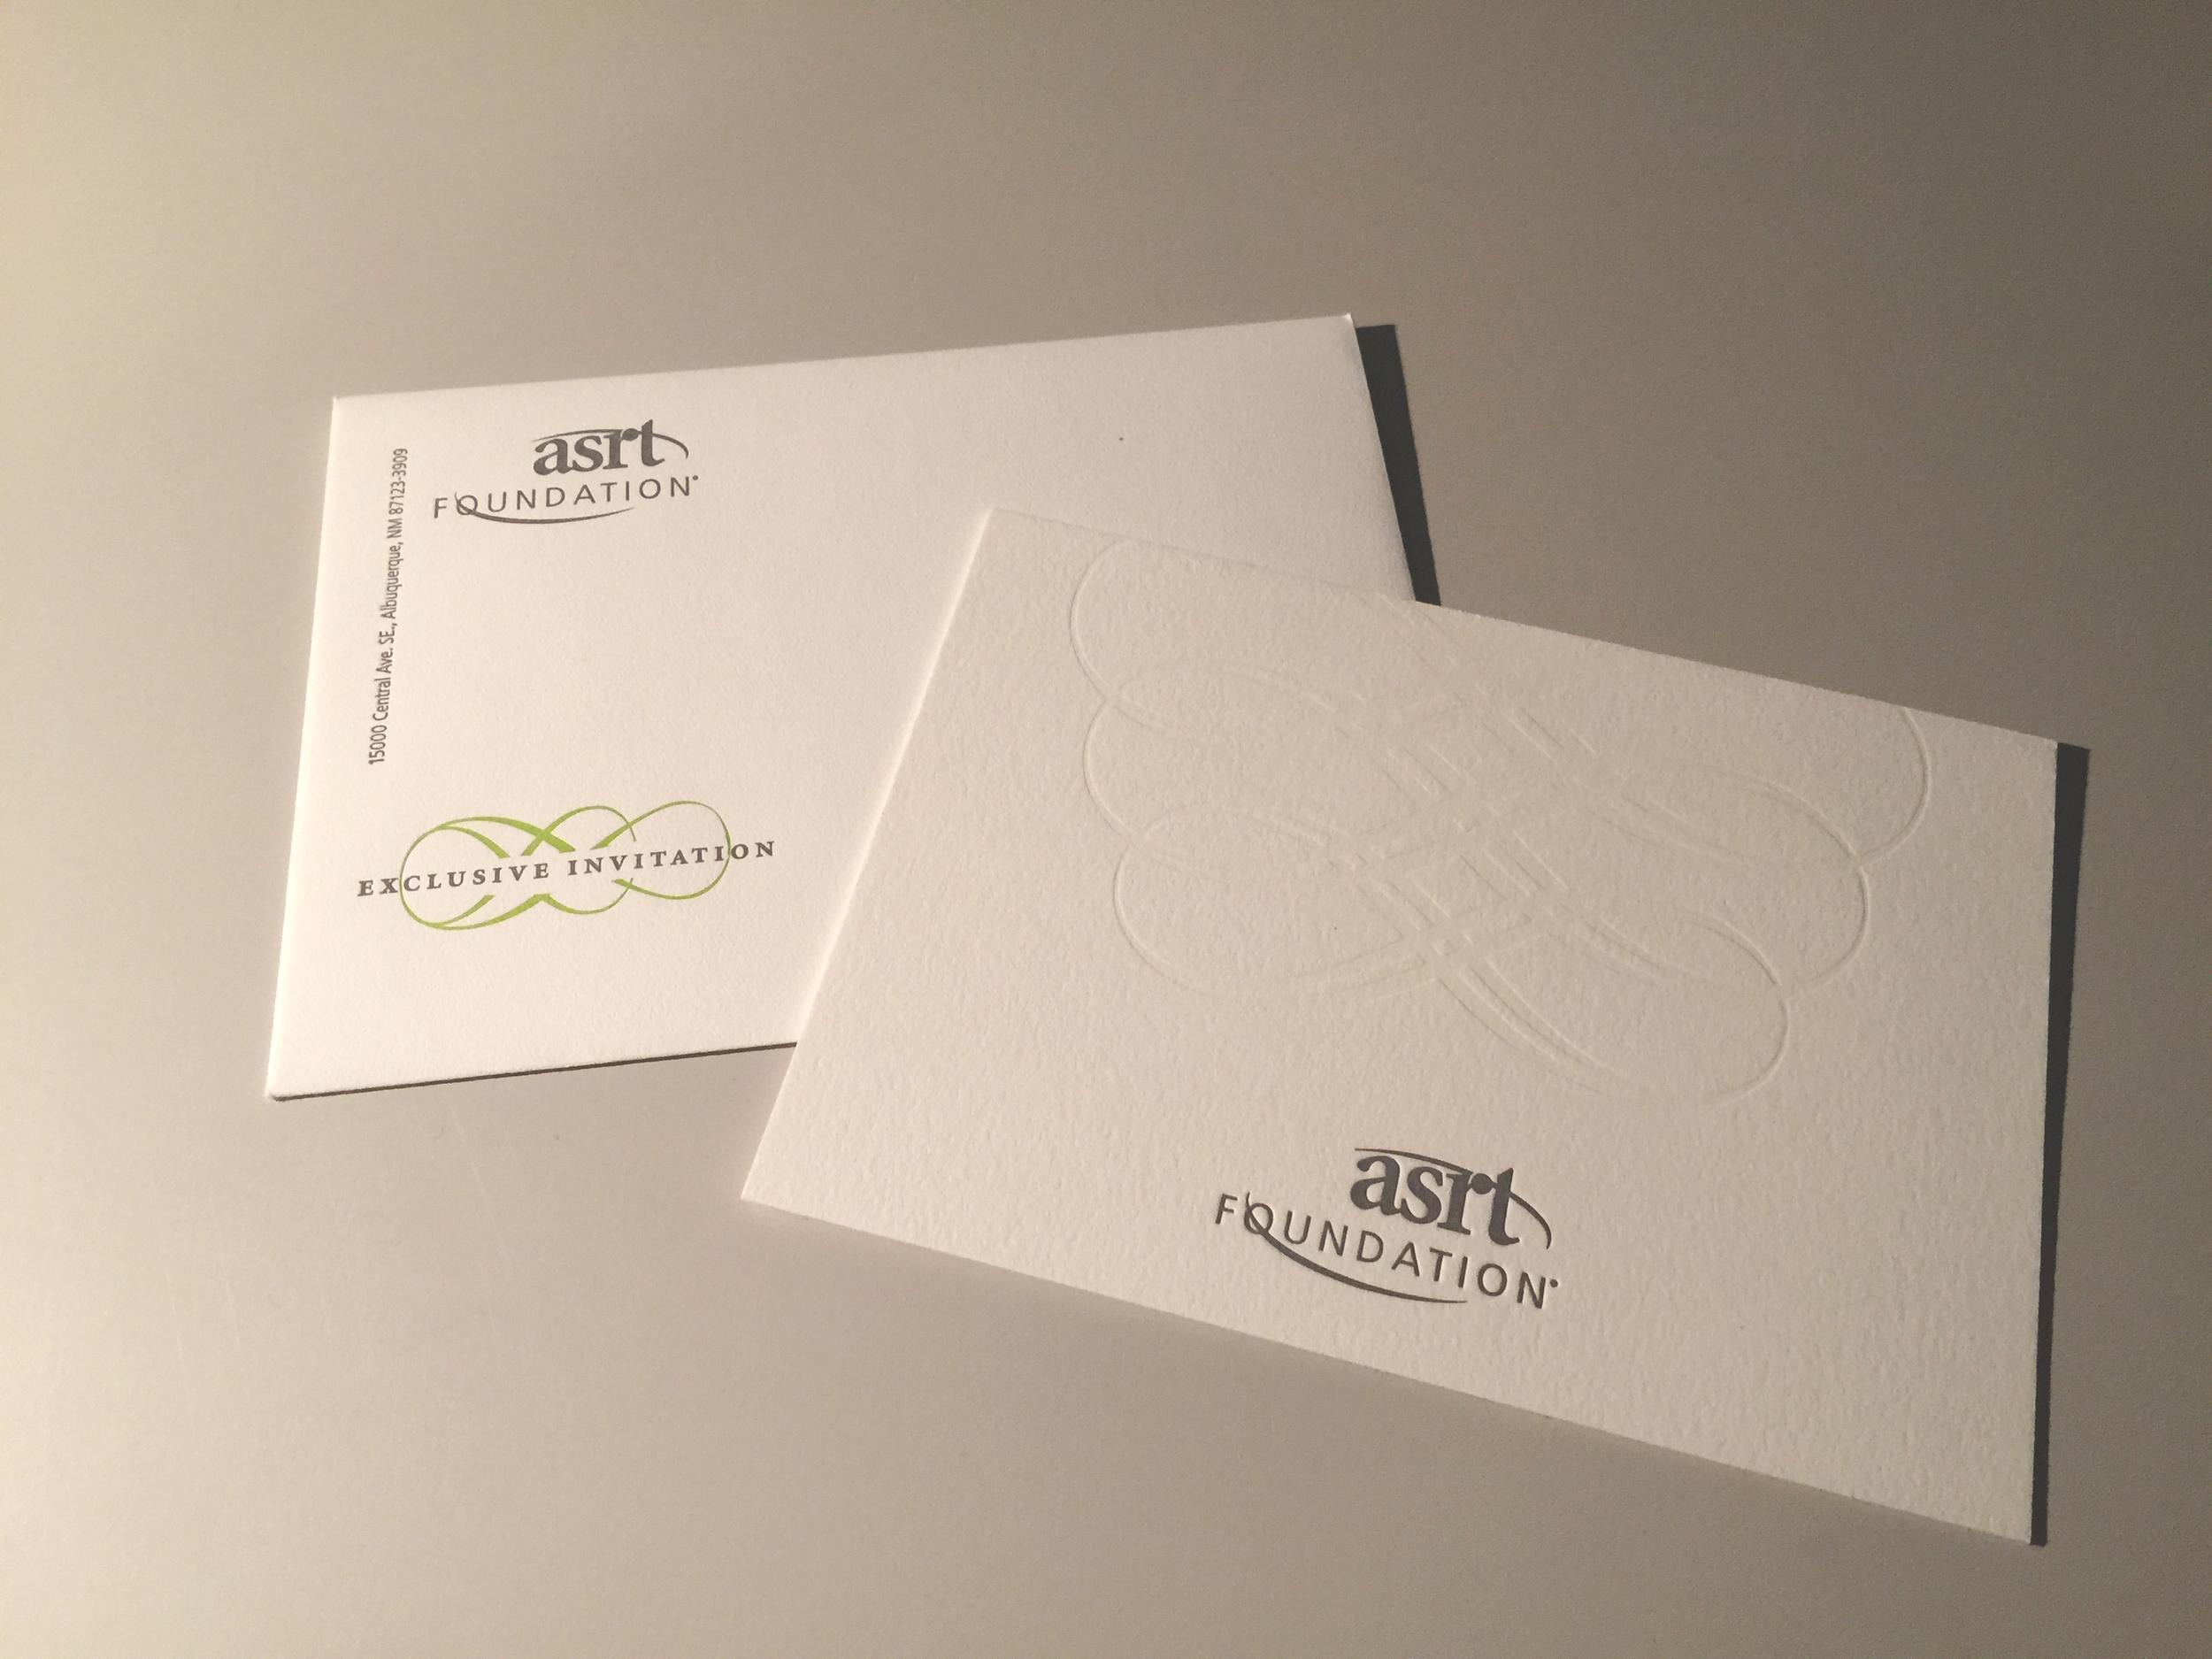 ASRT_Invite2.jpg